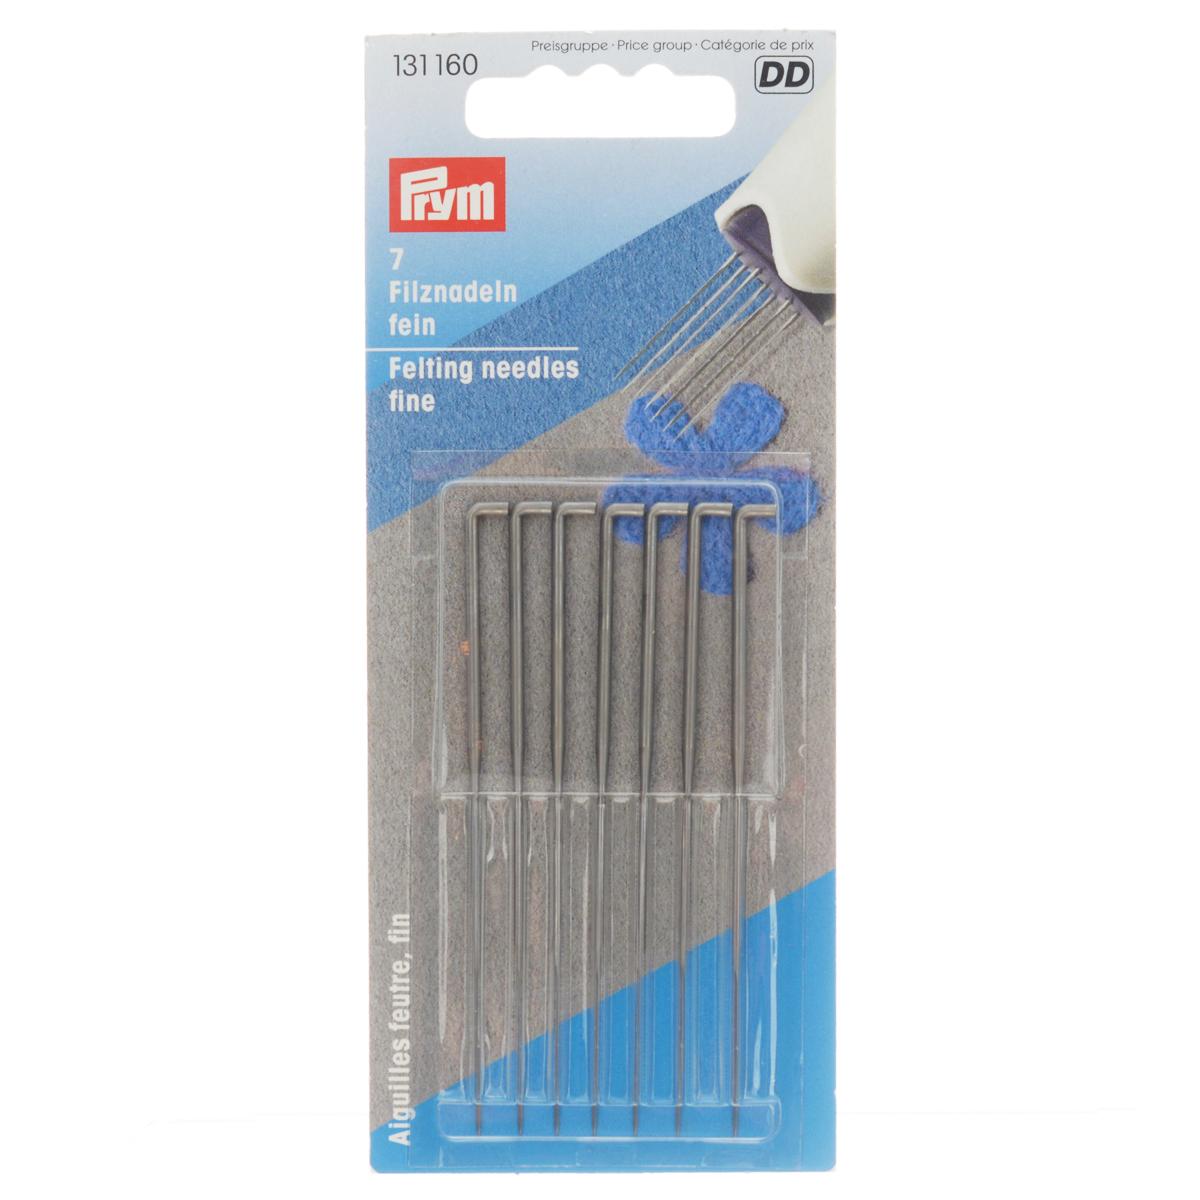 Набор игл Prym, для сваливания шерсти, тонкие, 7 шт131160Набор Prym состоит из 7 игл одинаковой длины. Изделия предназначены для сухого валяния шерсти. Иглы изготовлены из закаленной стали. Благодаря чему, они обладают хорошей упругостью и во время работы не гнутся. Комплектация: 7 шт. Материал: сталь.